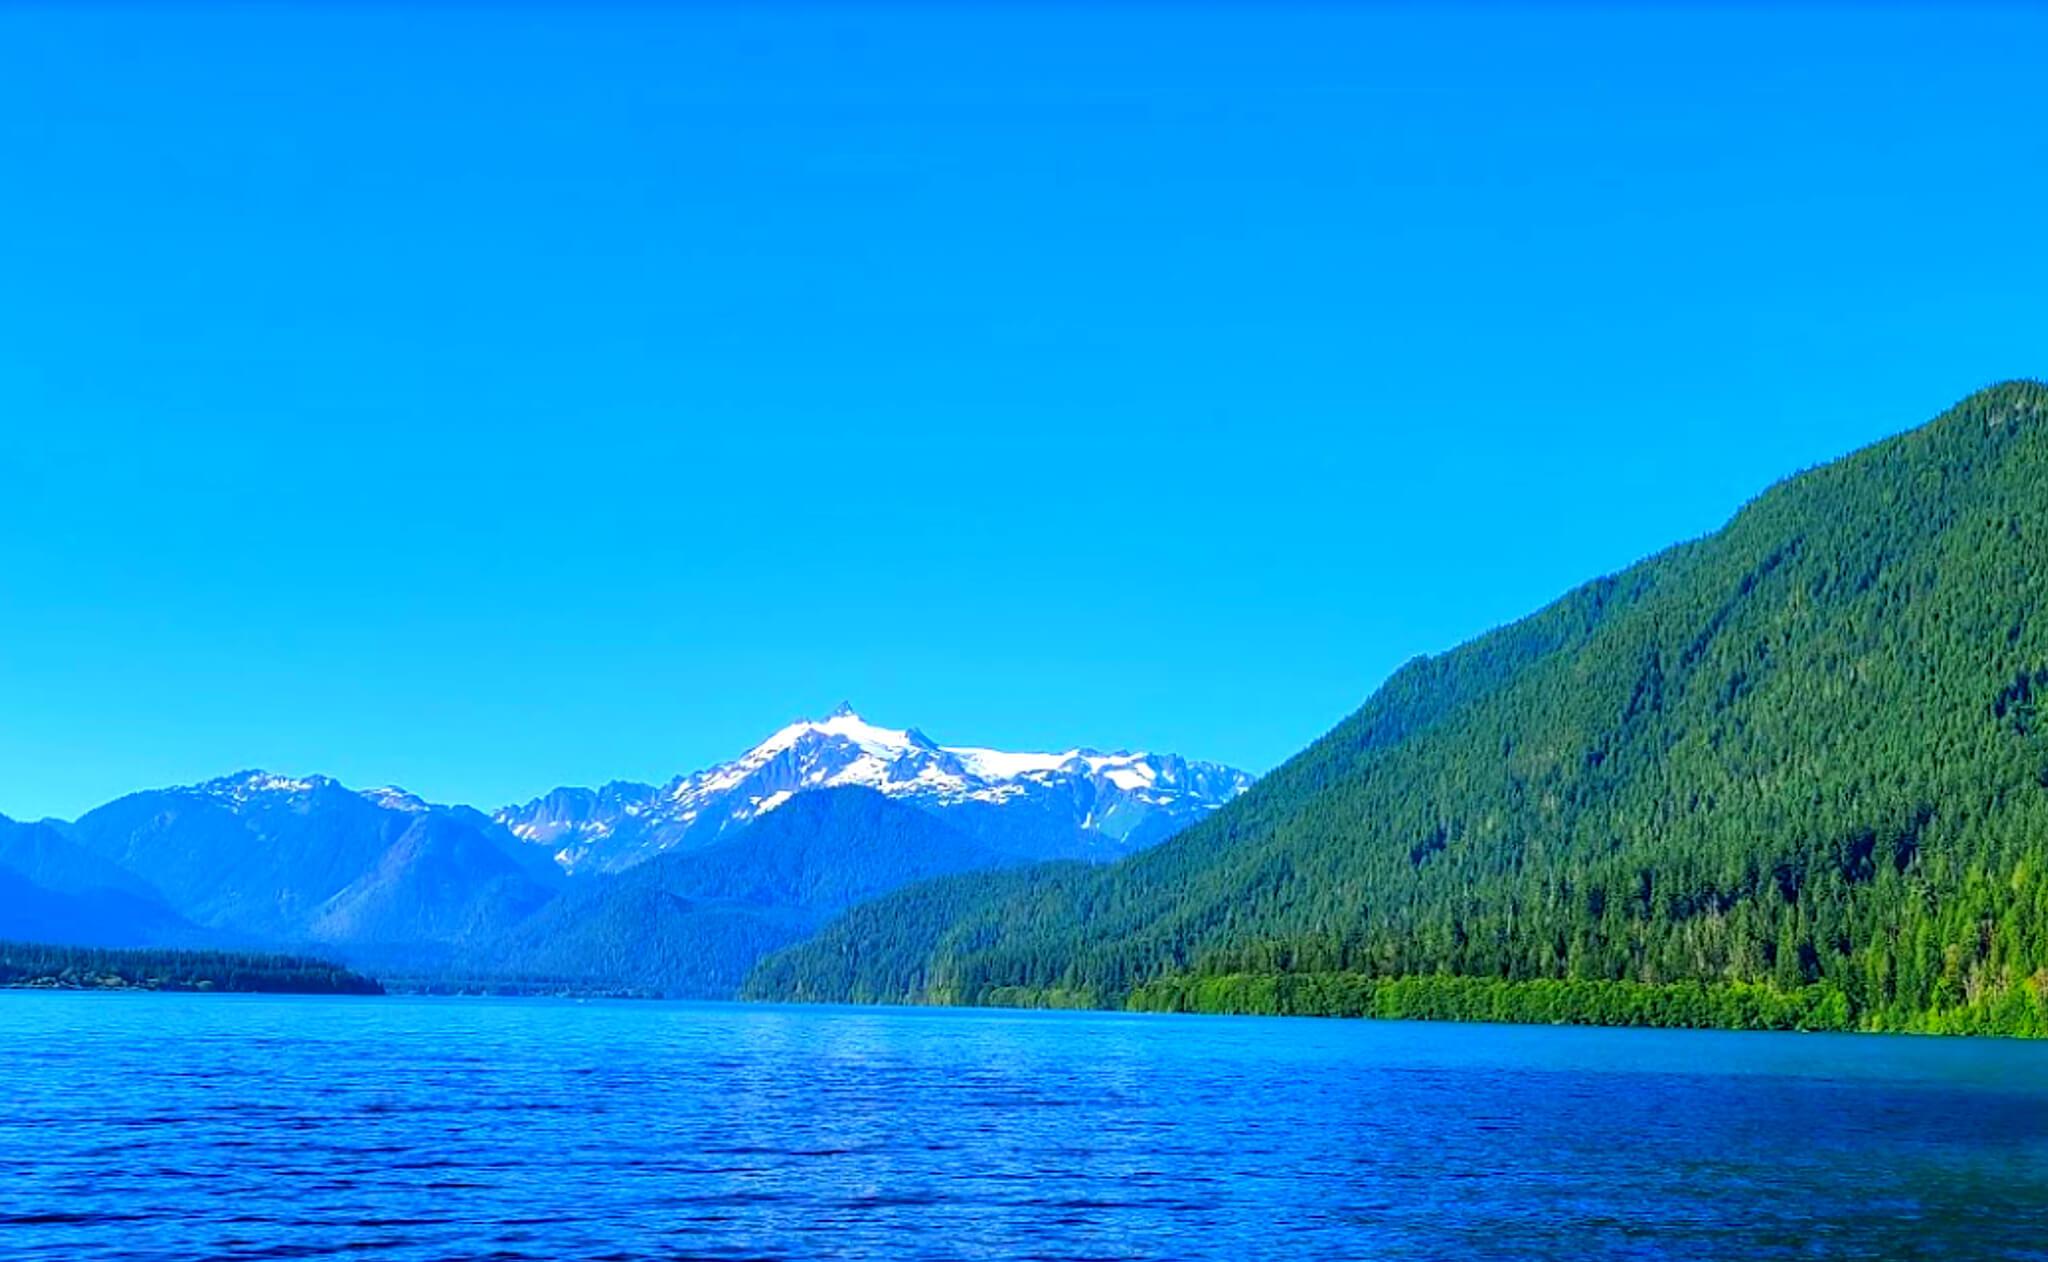 Baker-Lake-Fishing-Report-Guide-Washington-WA-05